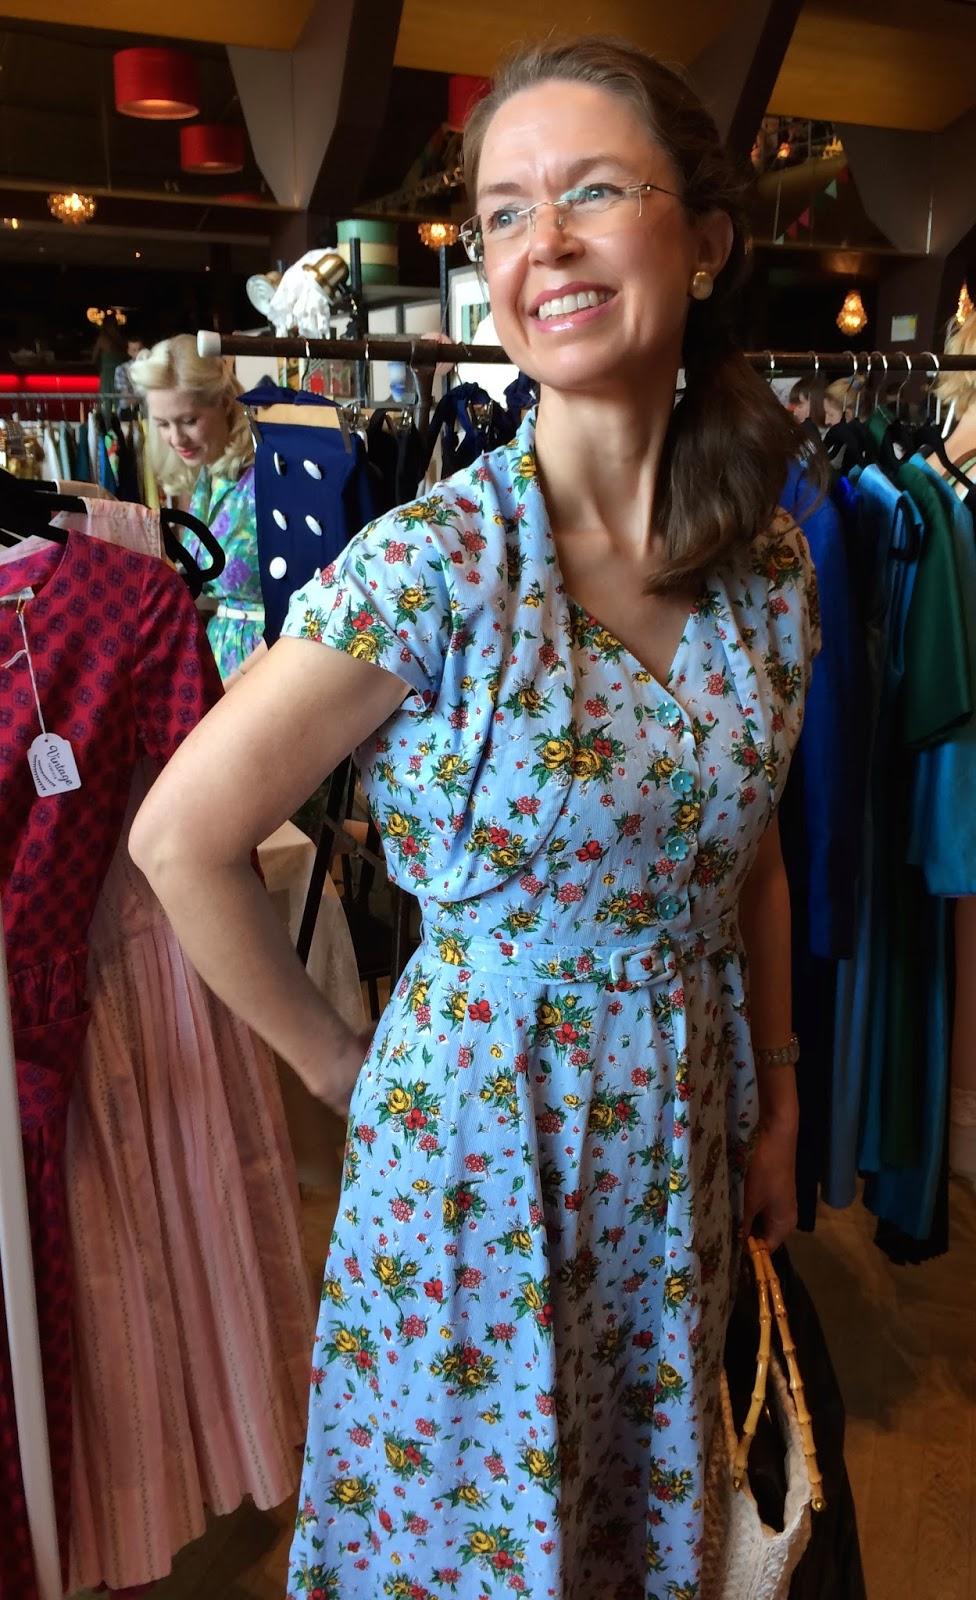 e51a1eda288b Här är jag, glad och nöjd, i en blommig 50-tals klänning som är fyndad på  ett loppis i stan för 20 kronor. Den sitter som om den är sydd till mig och  ...